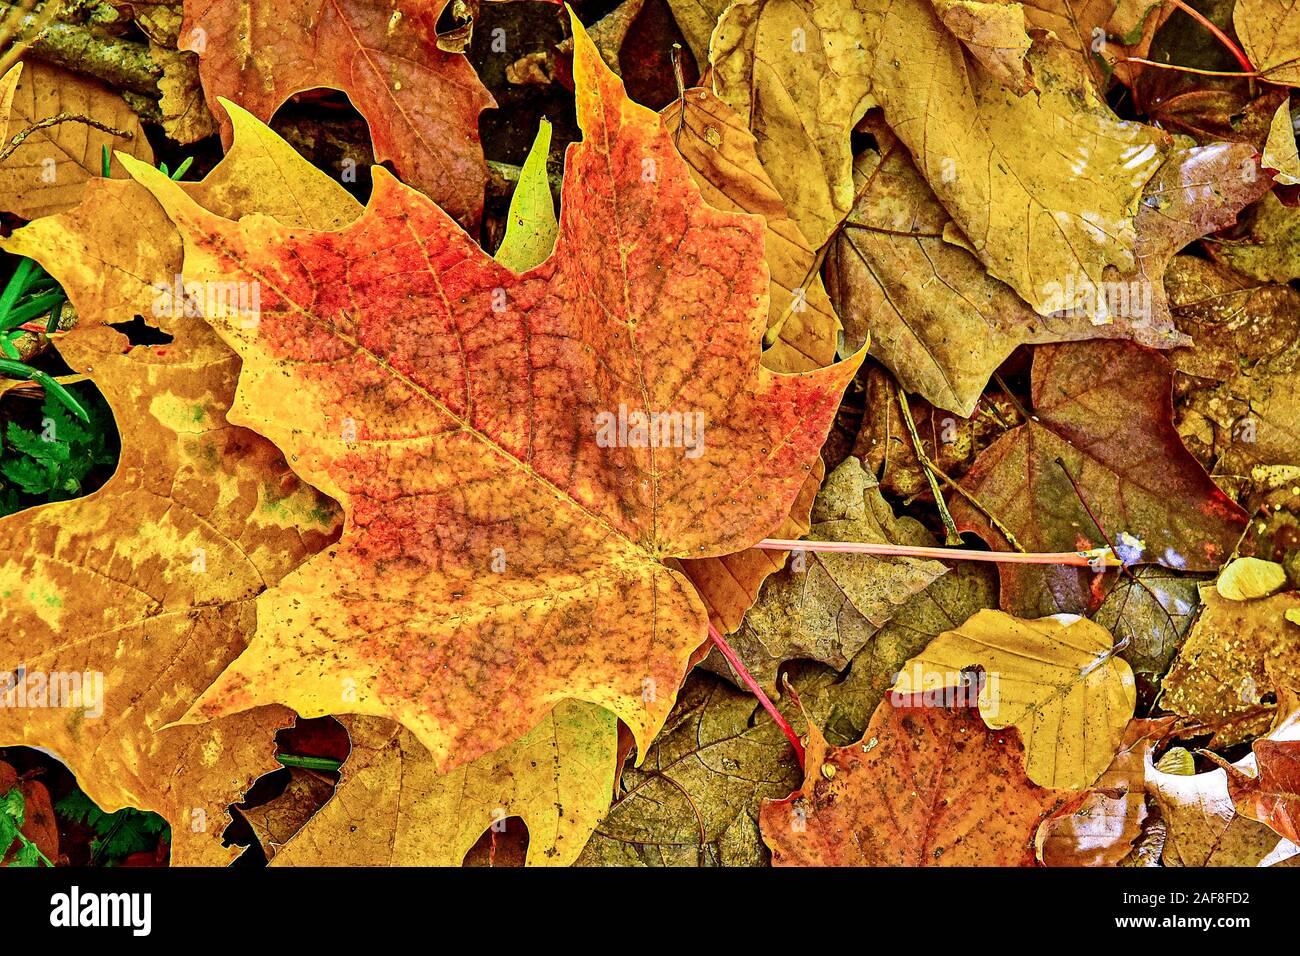 America Canada Quebec, il Parc National de La Mauricie fogliame, alberi e la natura in autunno - Foglie Foto Stock